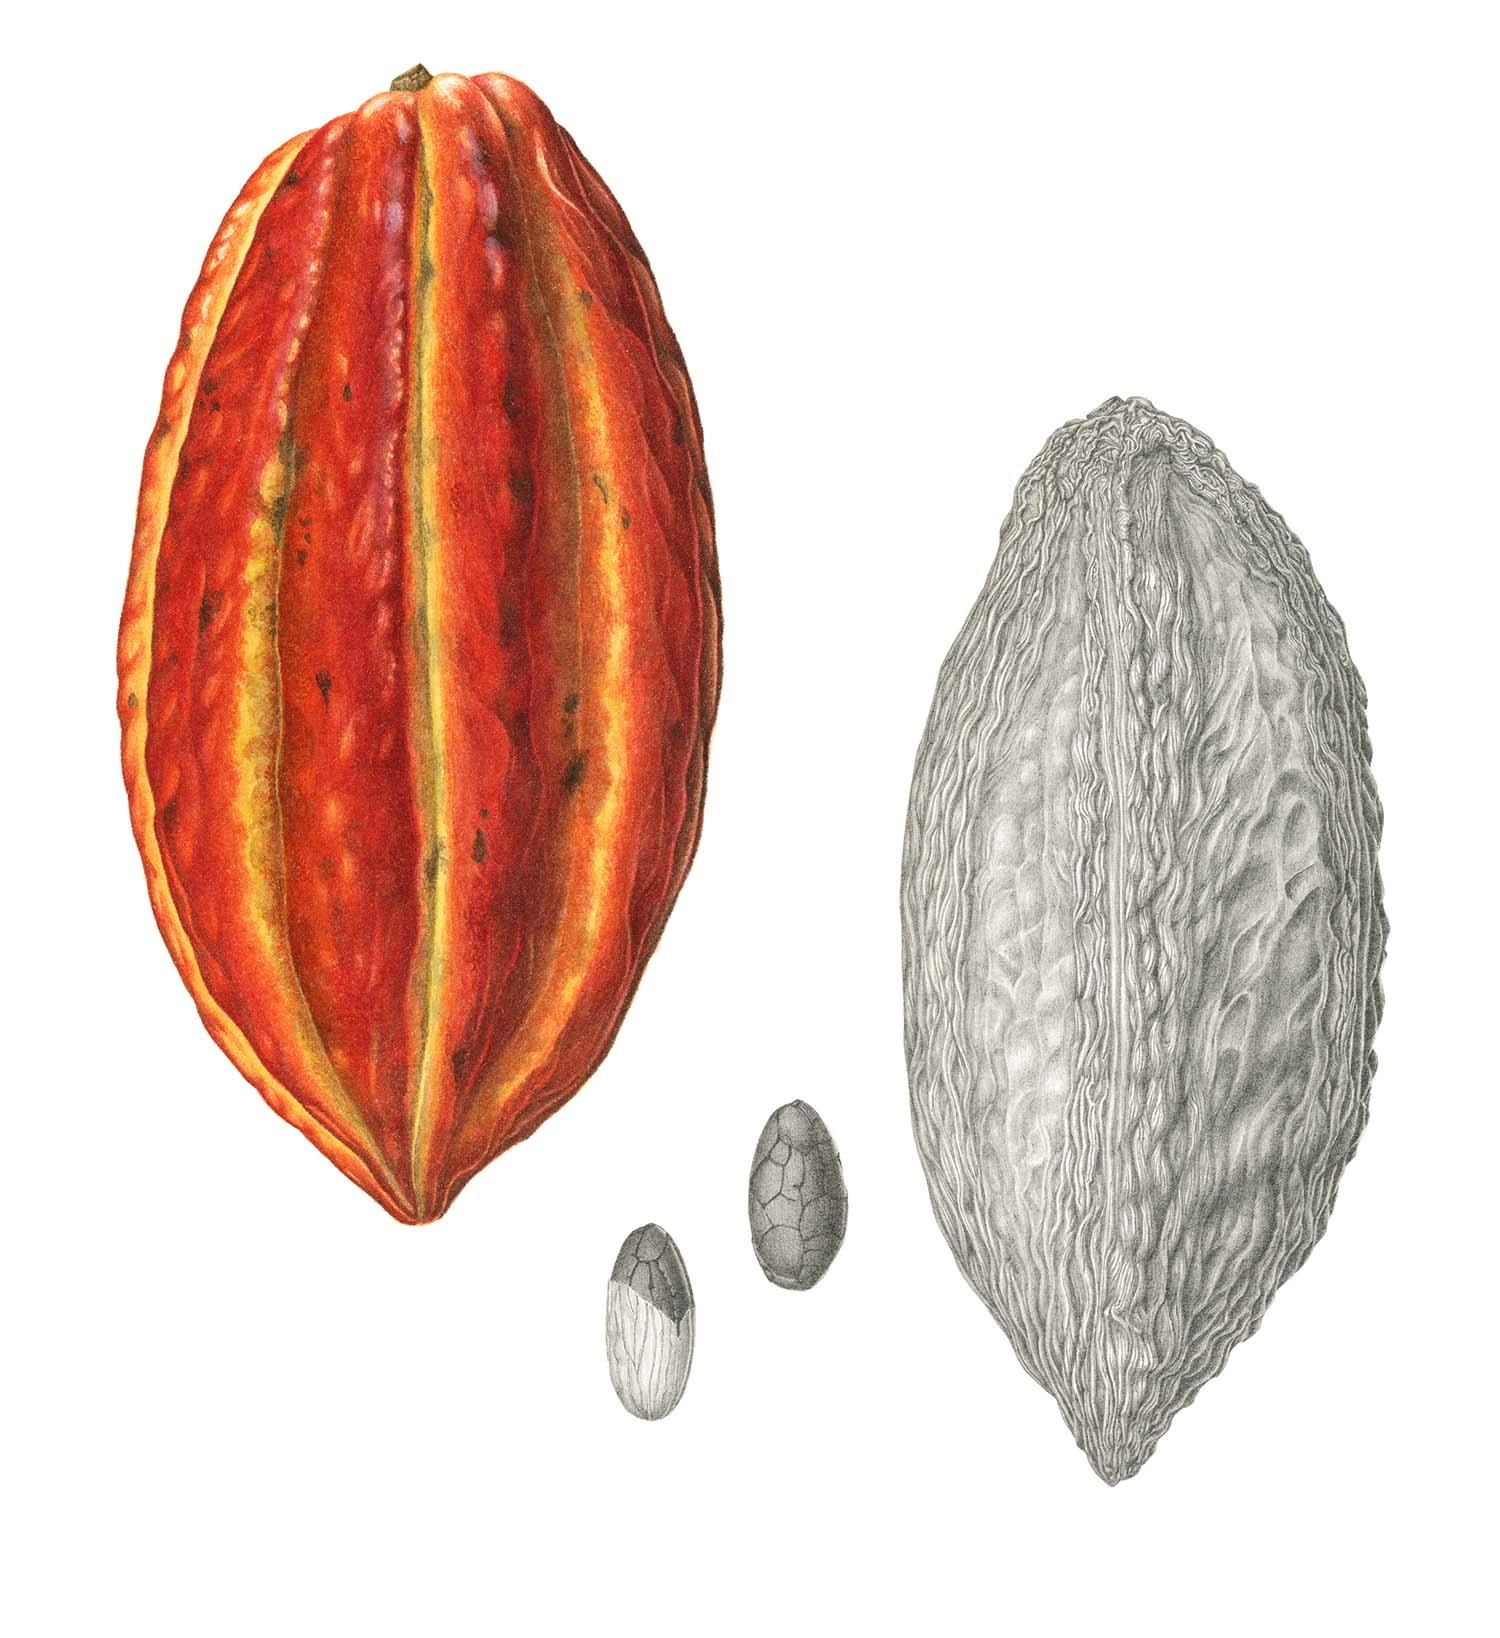 Cacao Pod | Original Sold